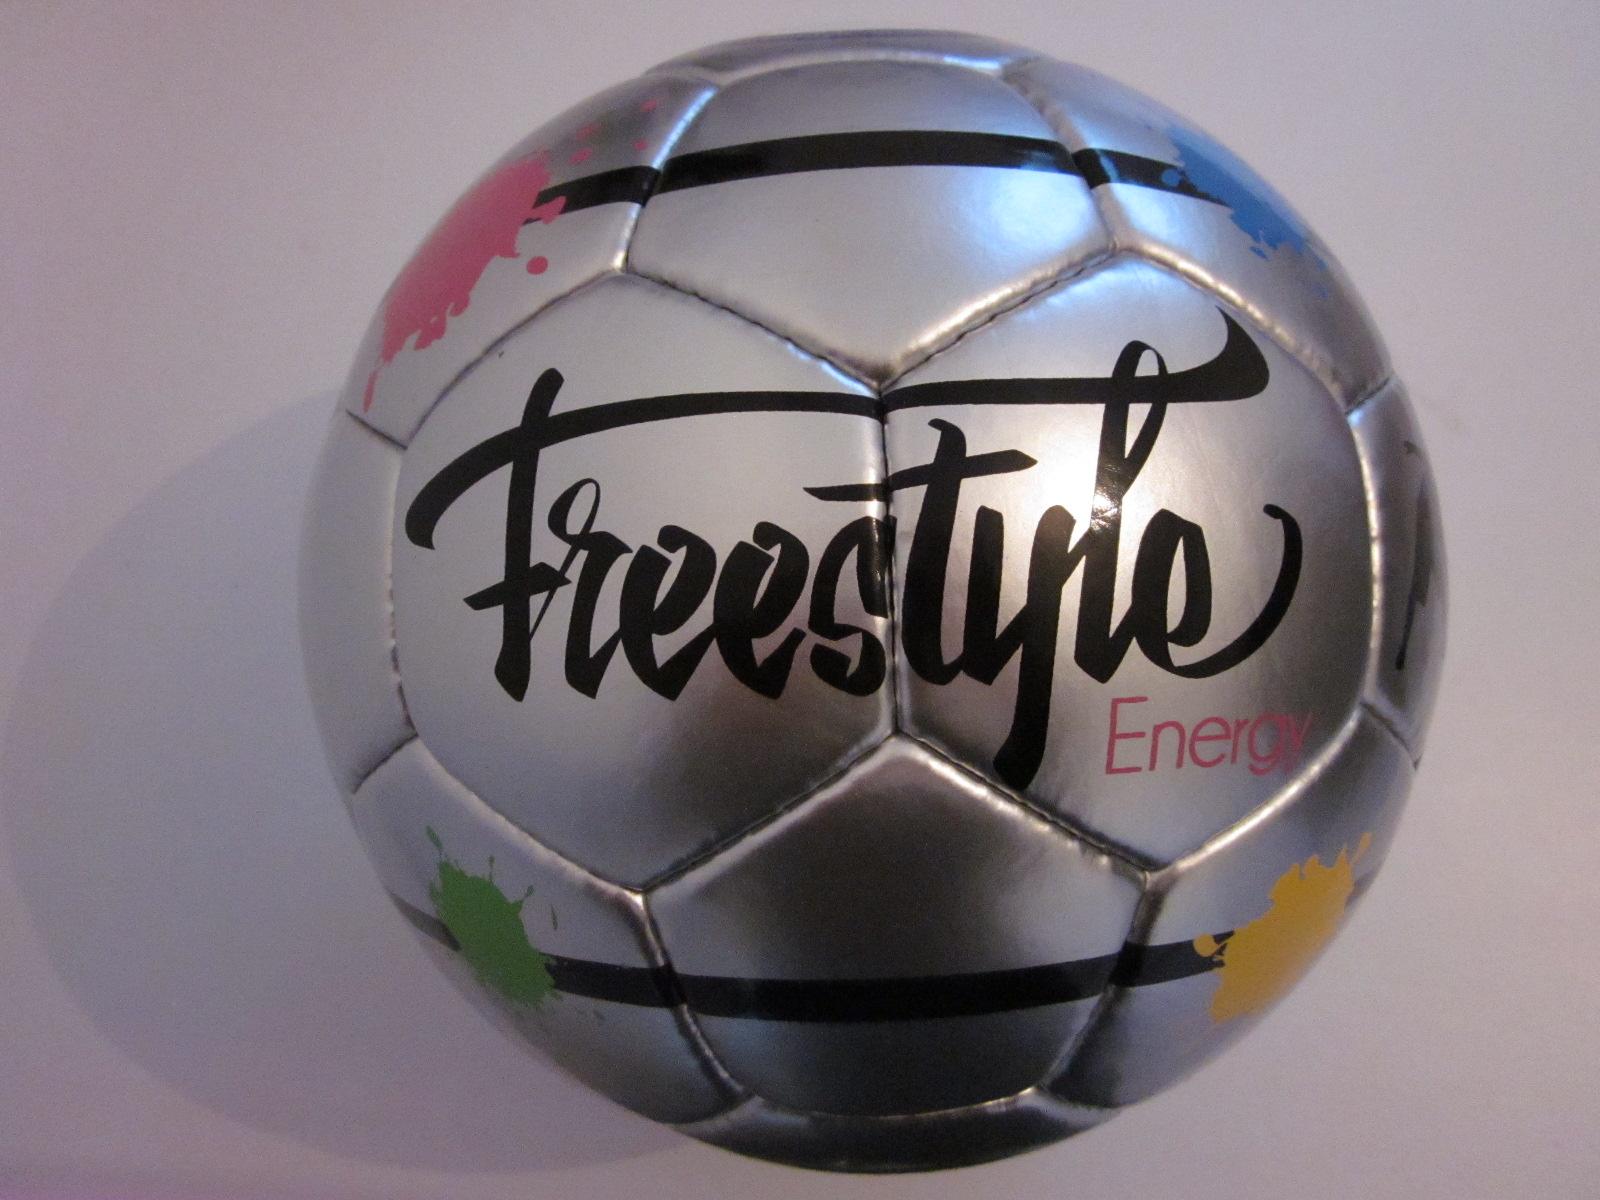 Freestyle Energy - EnergyBall